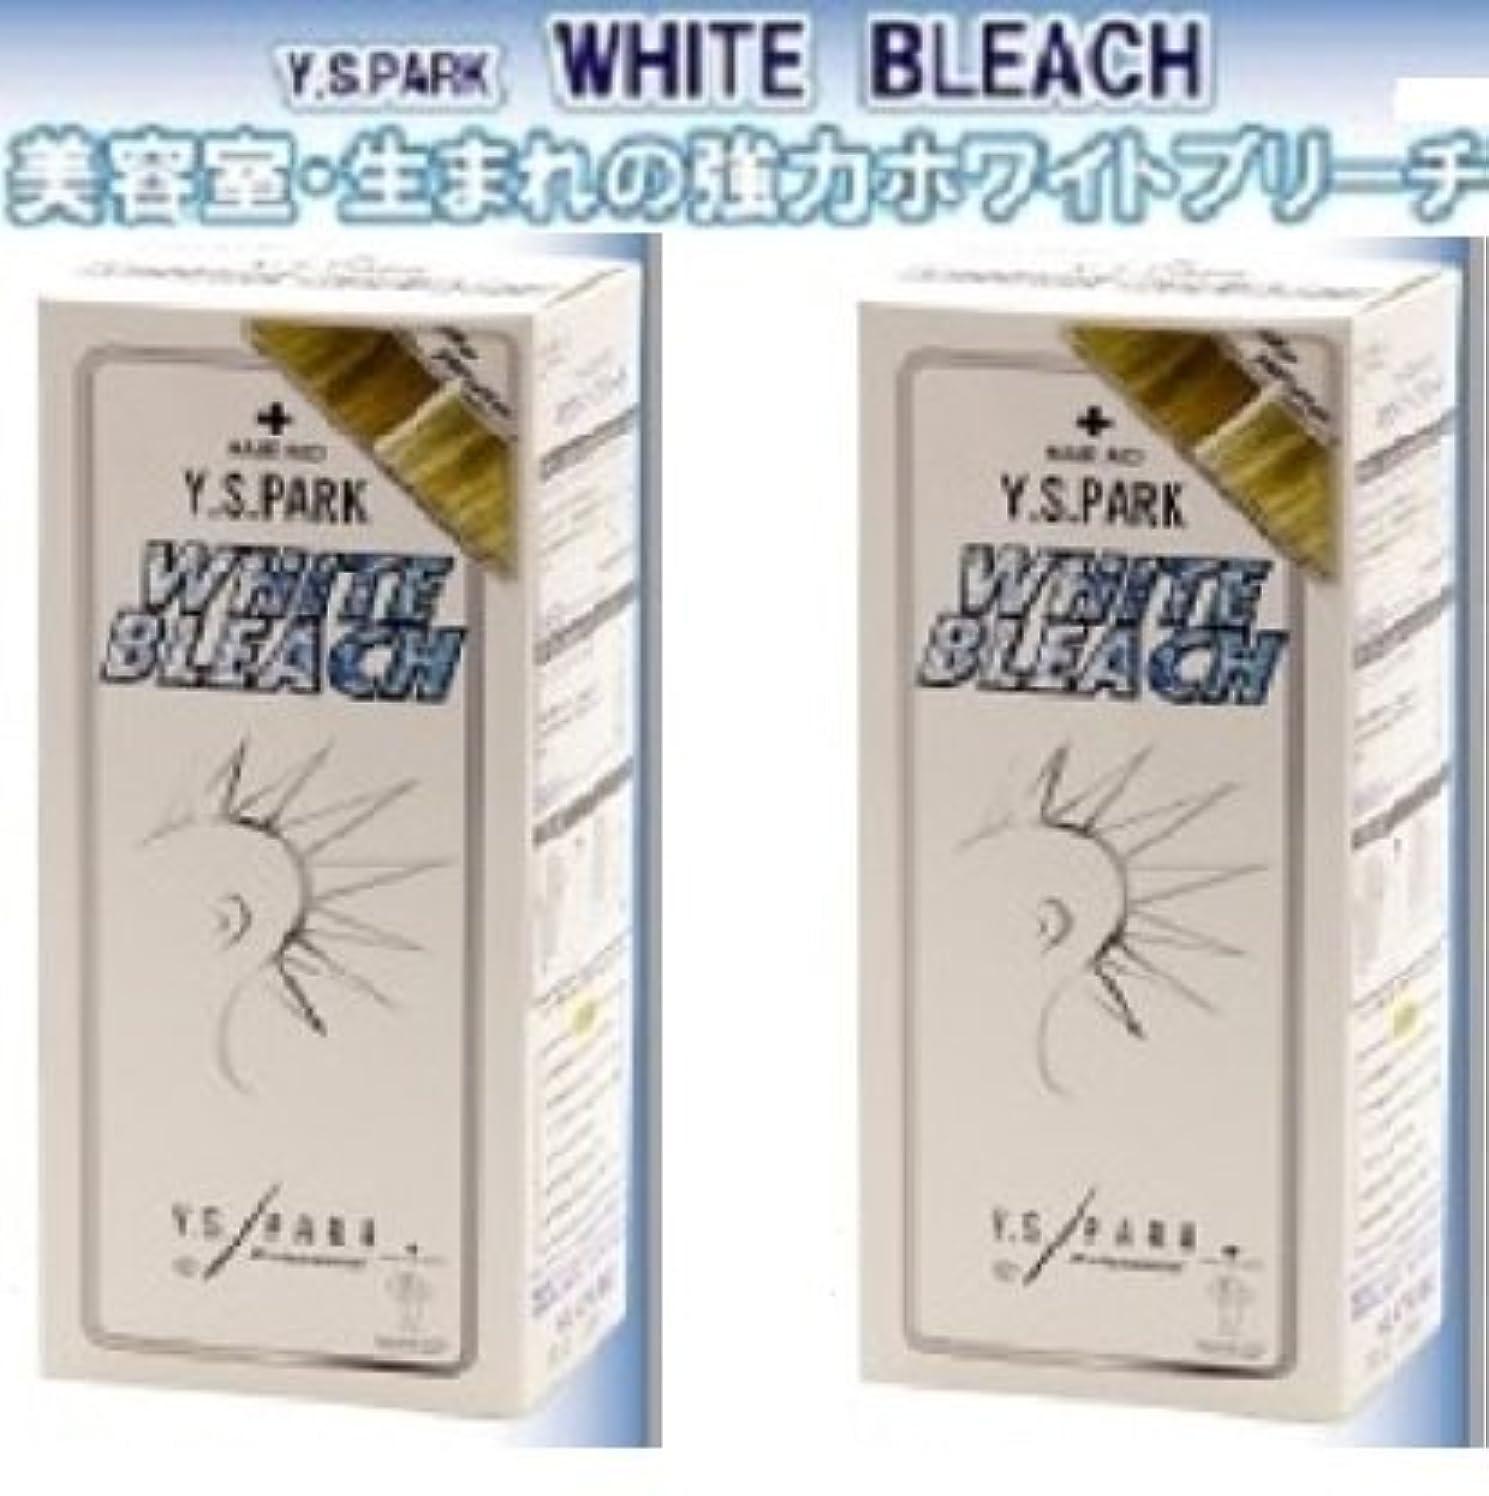 追い越す耐える自分のために【YSPARK 】ホワイトブリーチ ×2個セット(お得な2個組)美容室生まれの強力ホワイトブリーチ